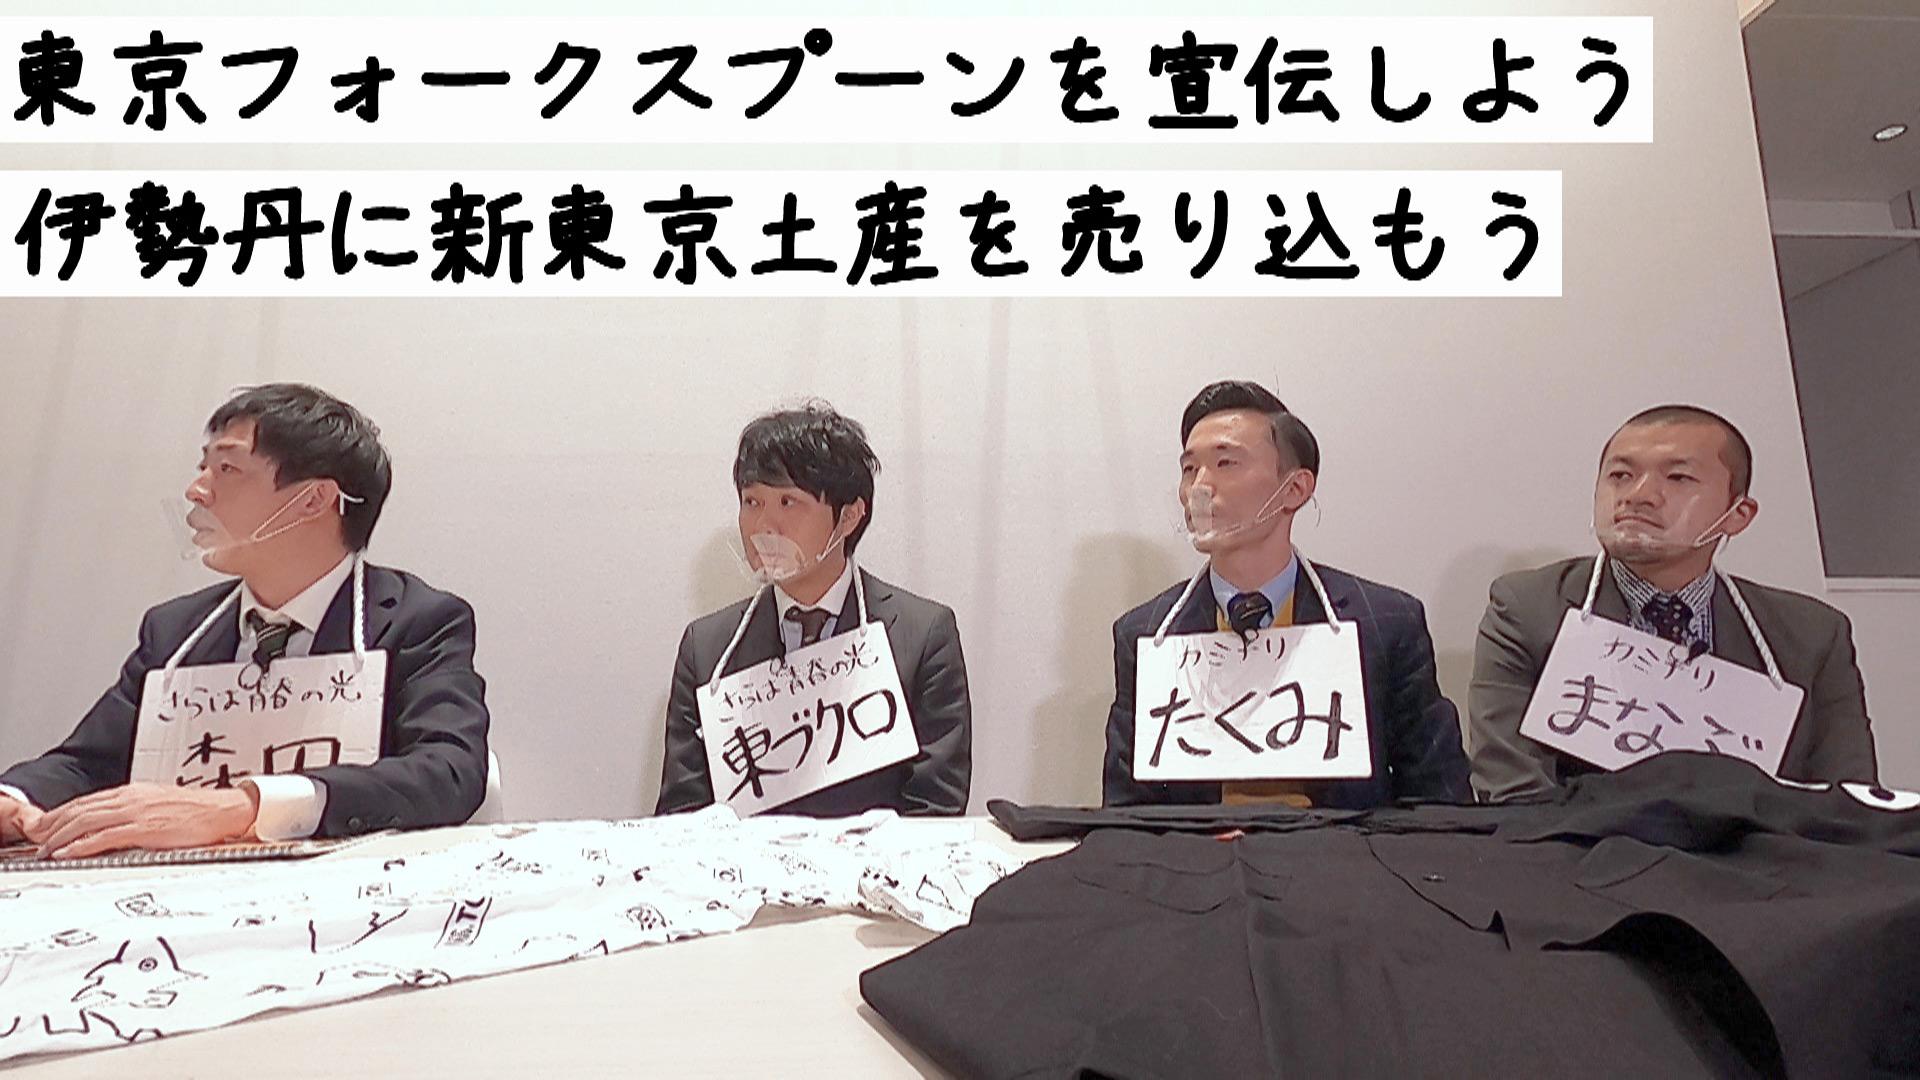 東京フォークスプーンを宣伝しよう/伊勢丹に新東京土産を売り込もう